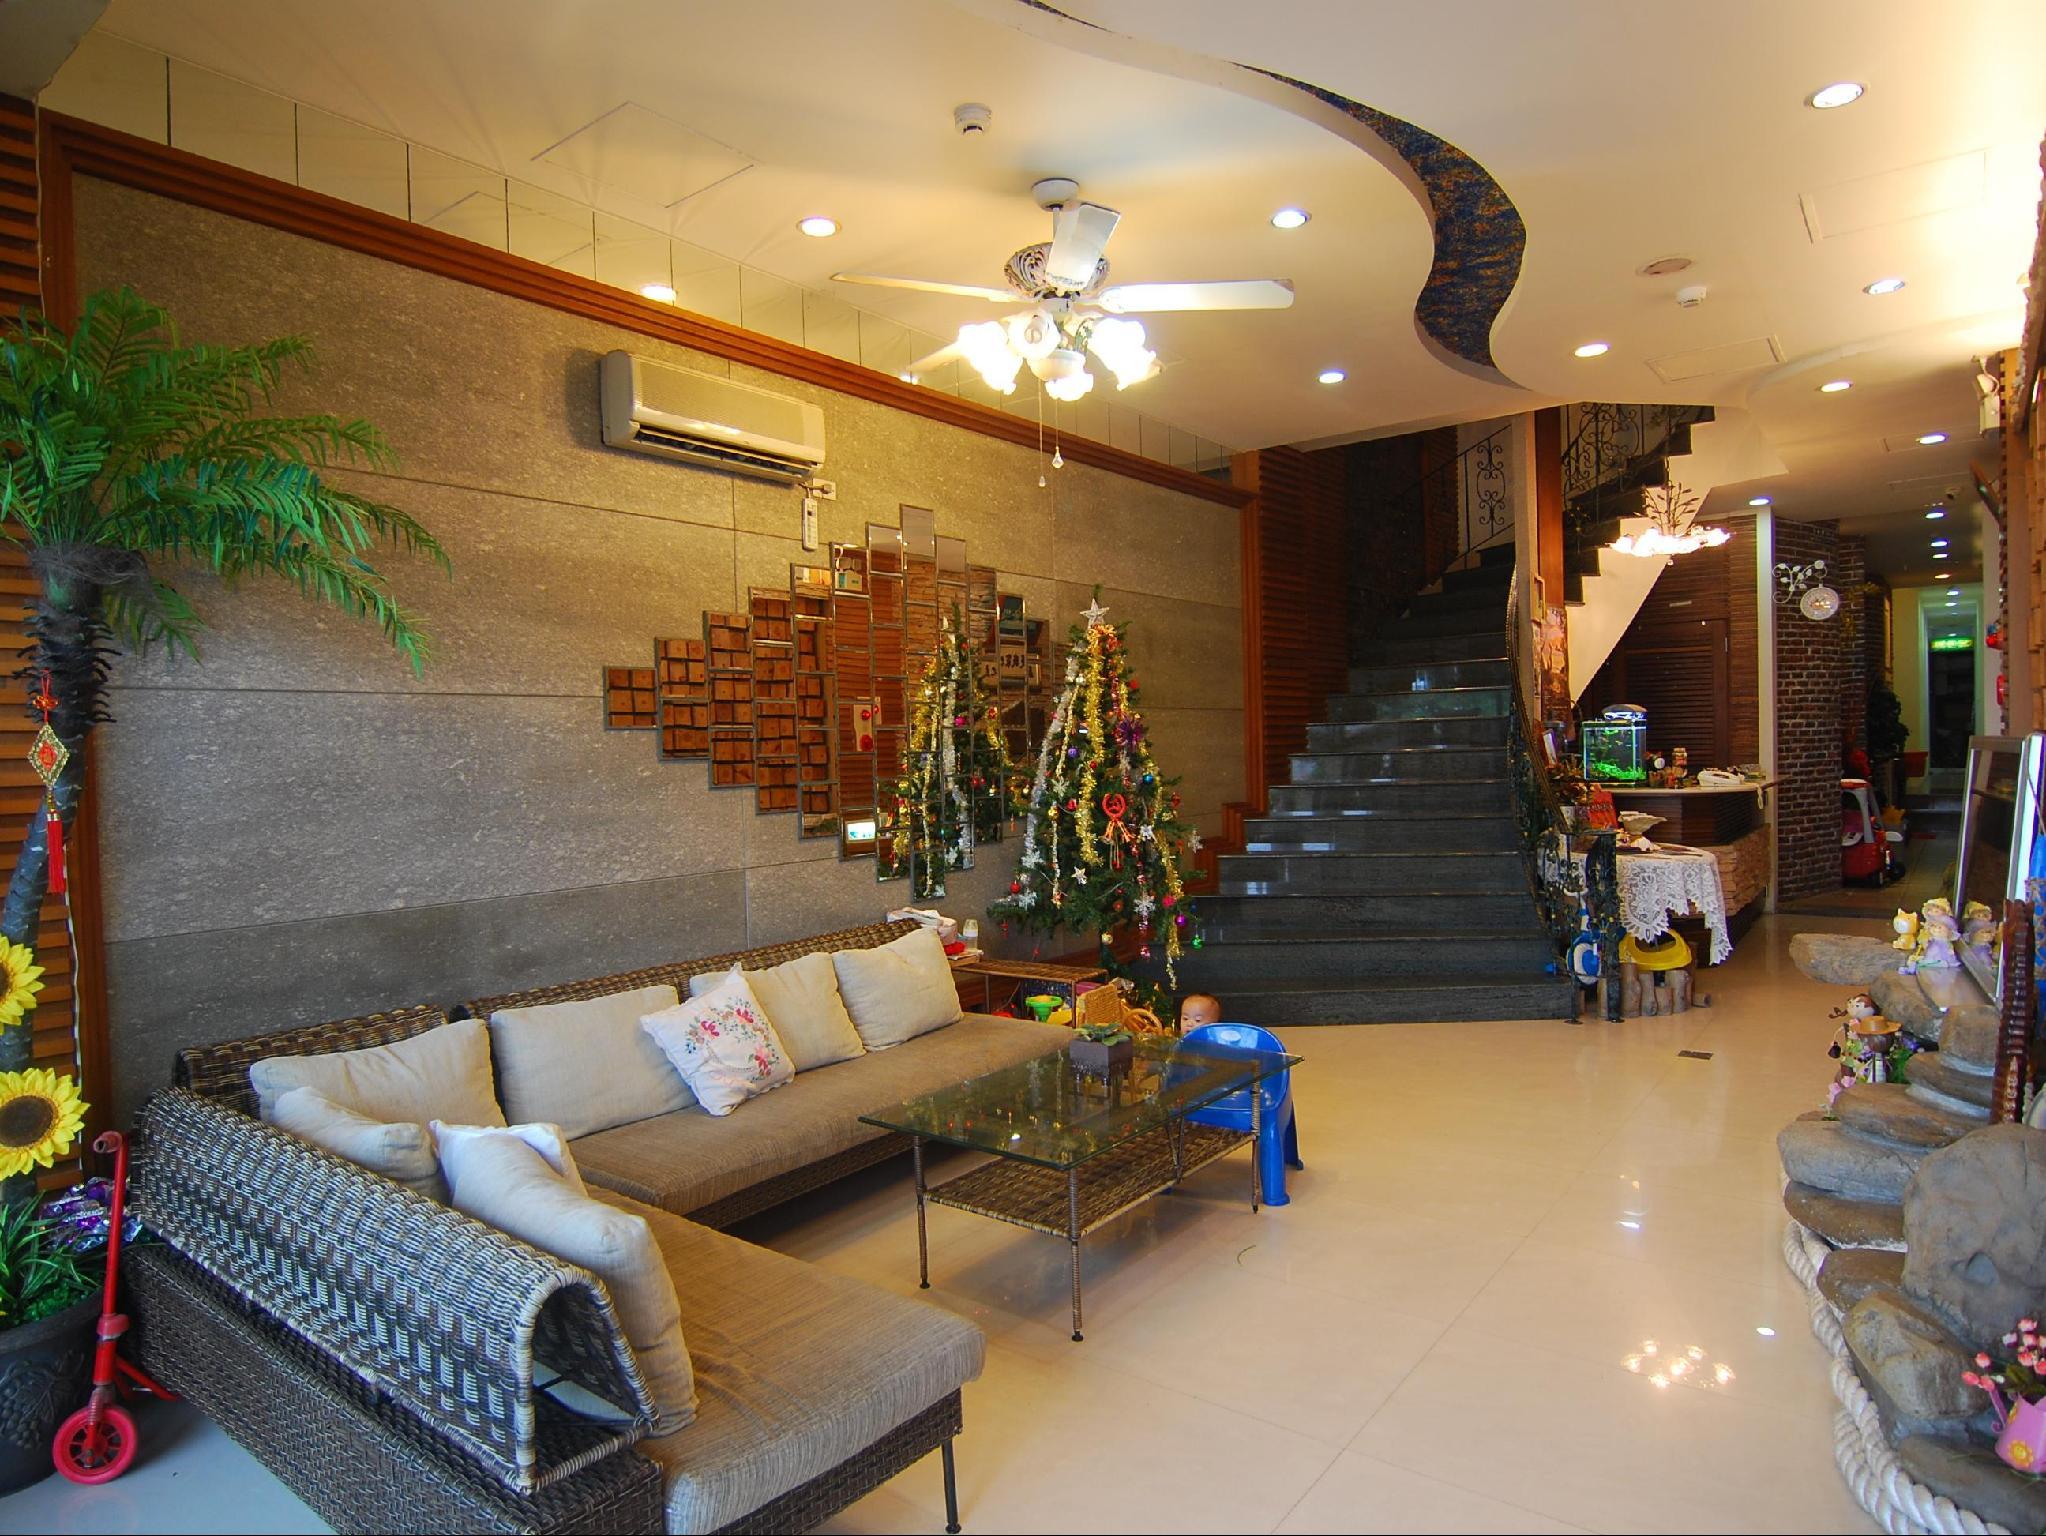 明君旅棧 Ming Jun Holiday Inn